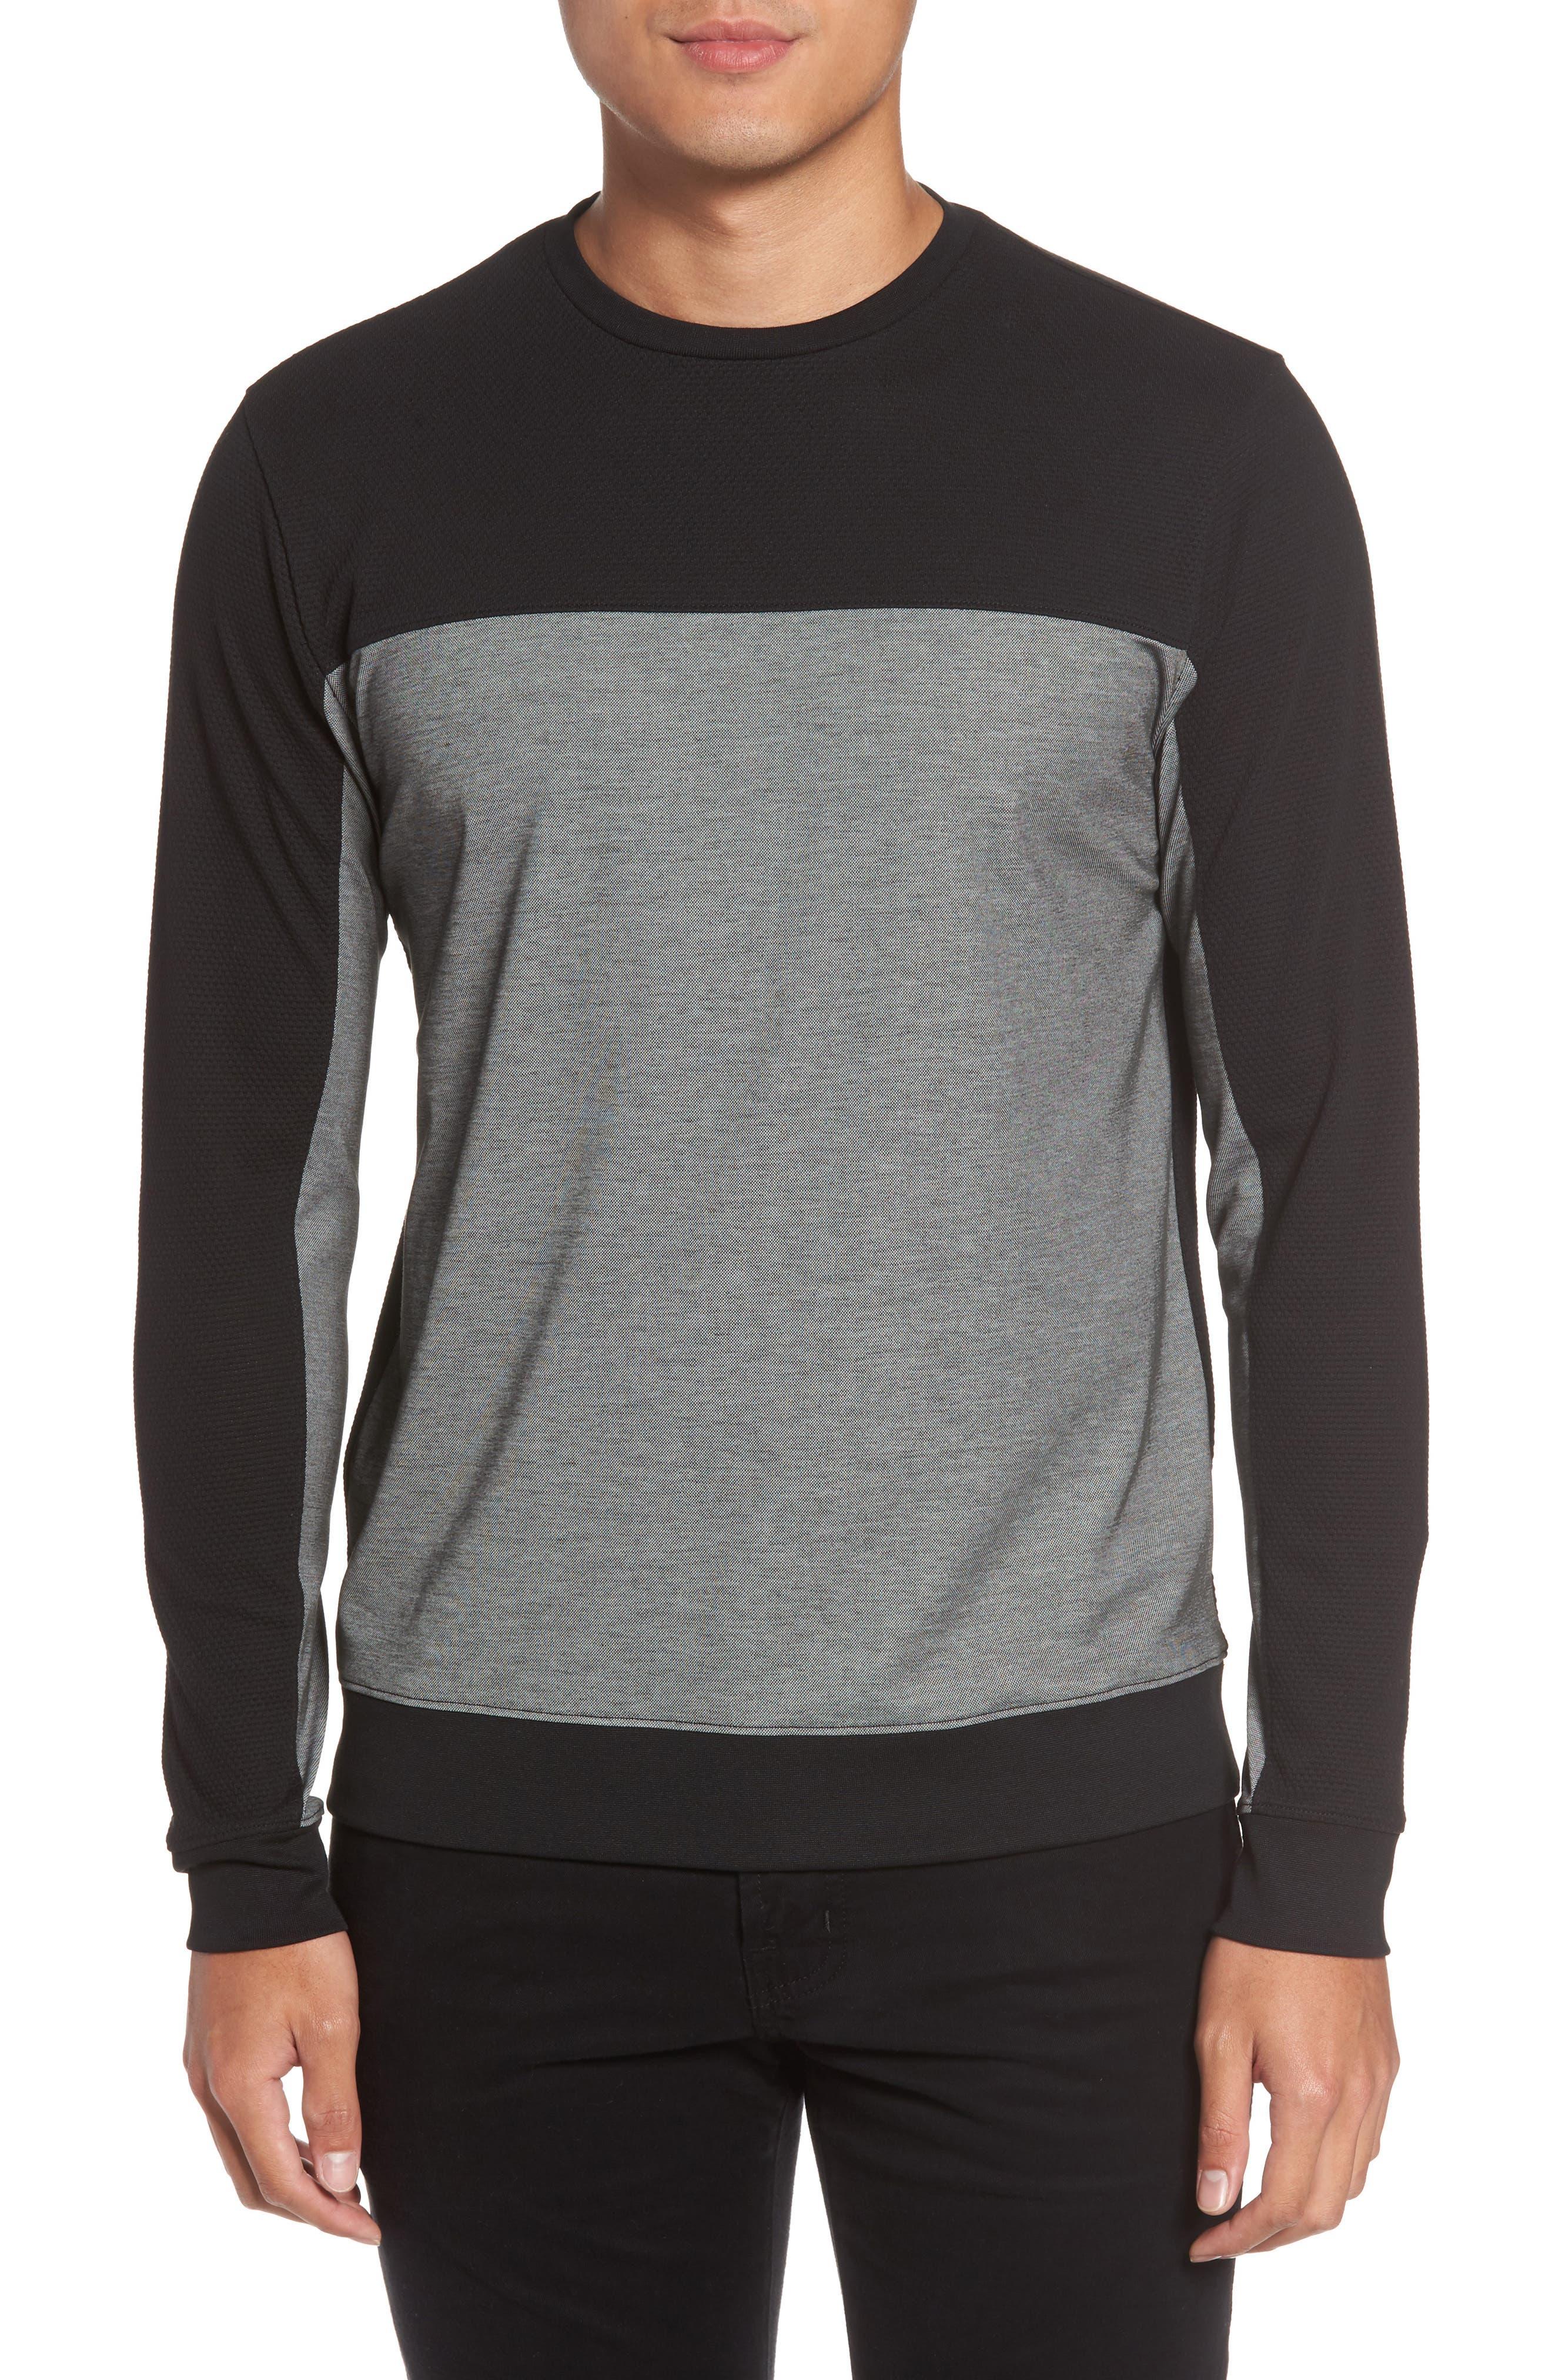 Vince Colorblock Slim Fit Crewneck Sweater